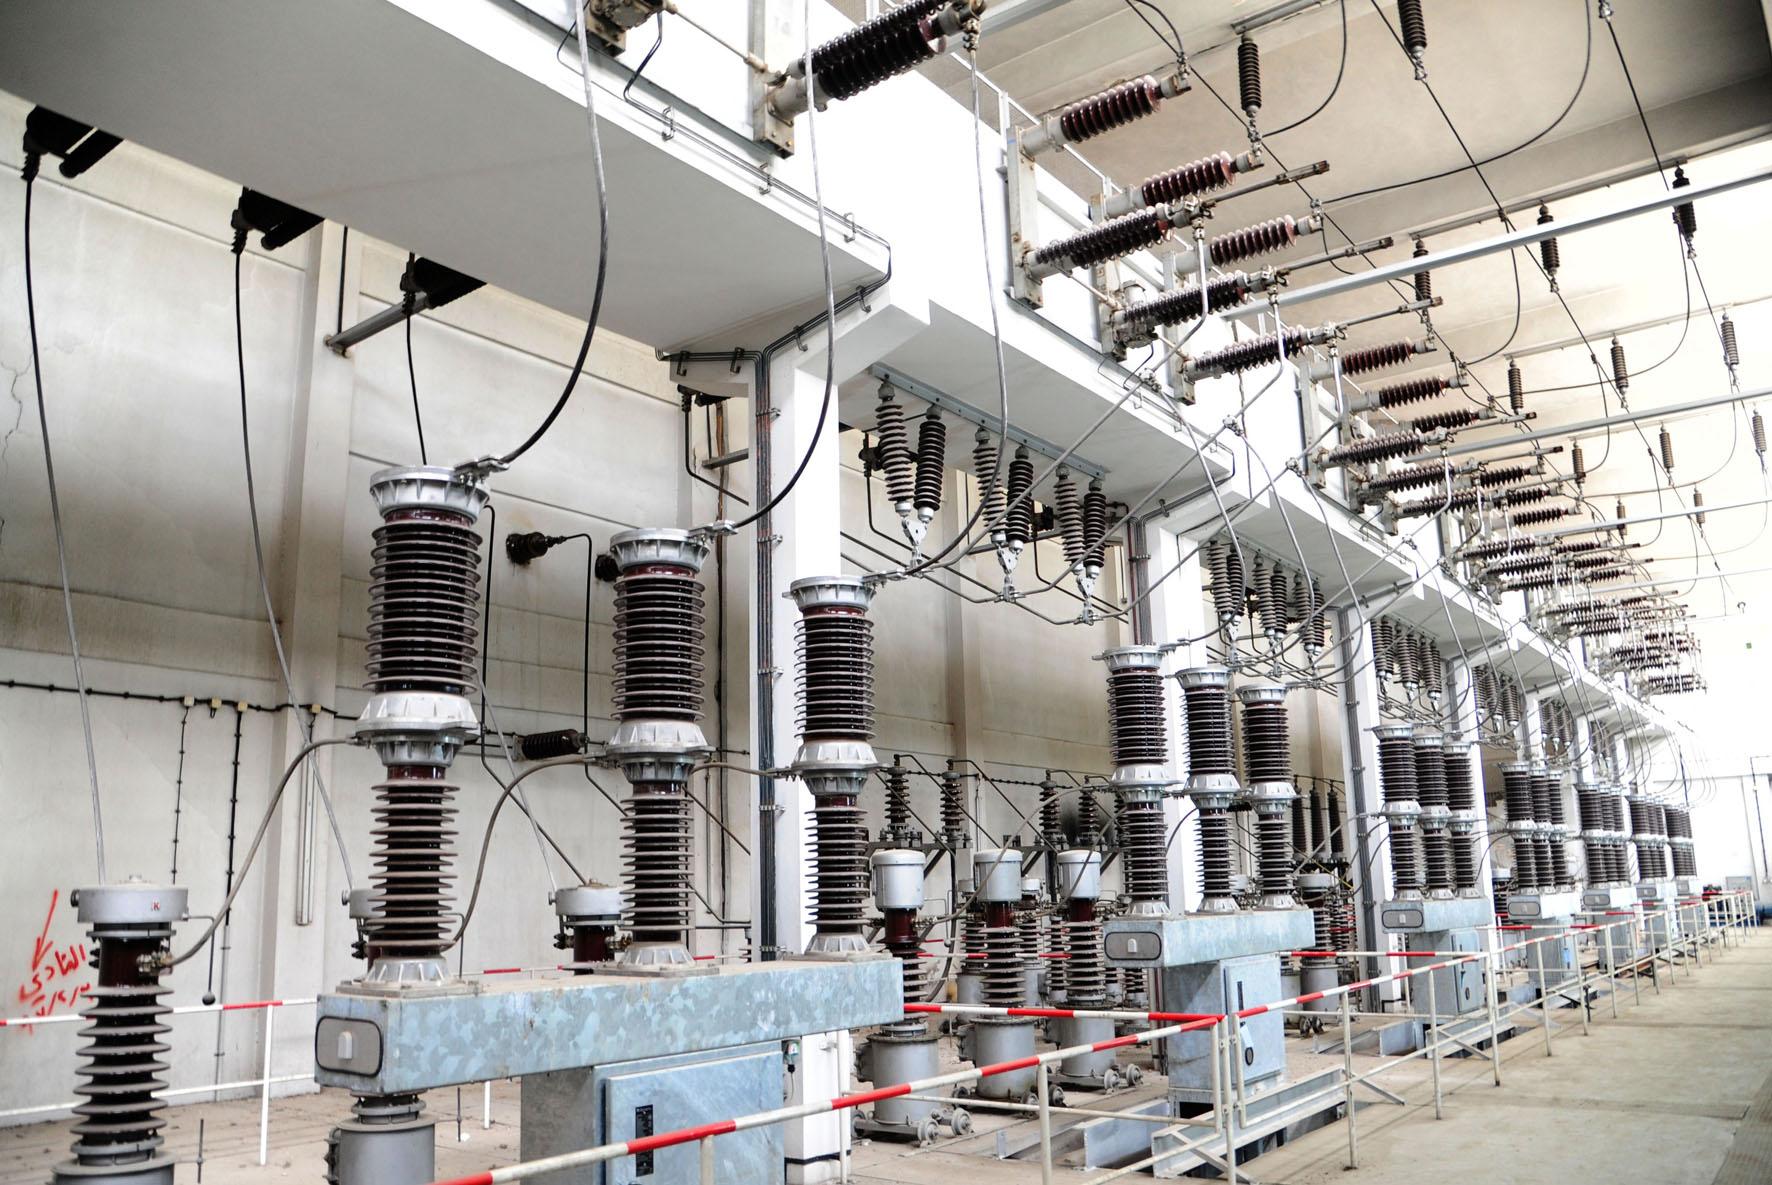 """""""الكهرباء"""" ترفــع اســتطاعة محطــات توليدهــا من 1400 ميغــاواط إلى أكثــر من 6000 ميغا.."""